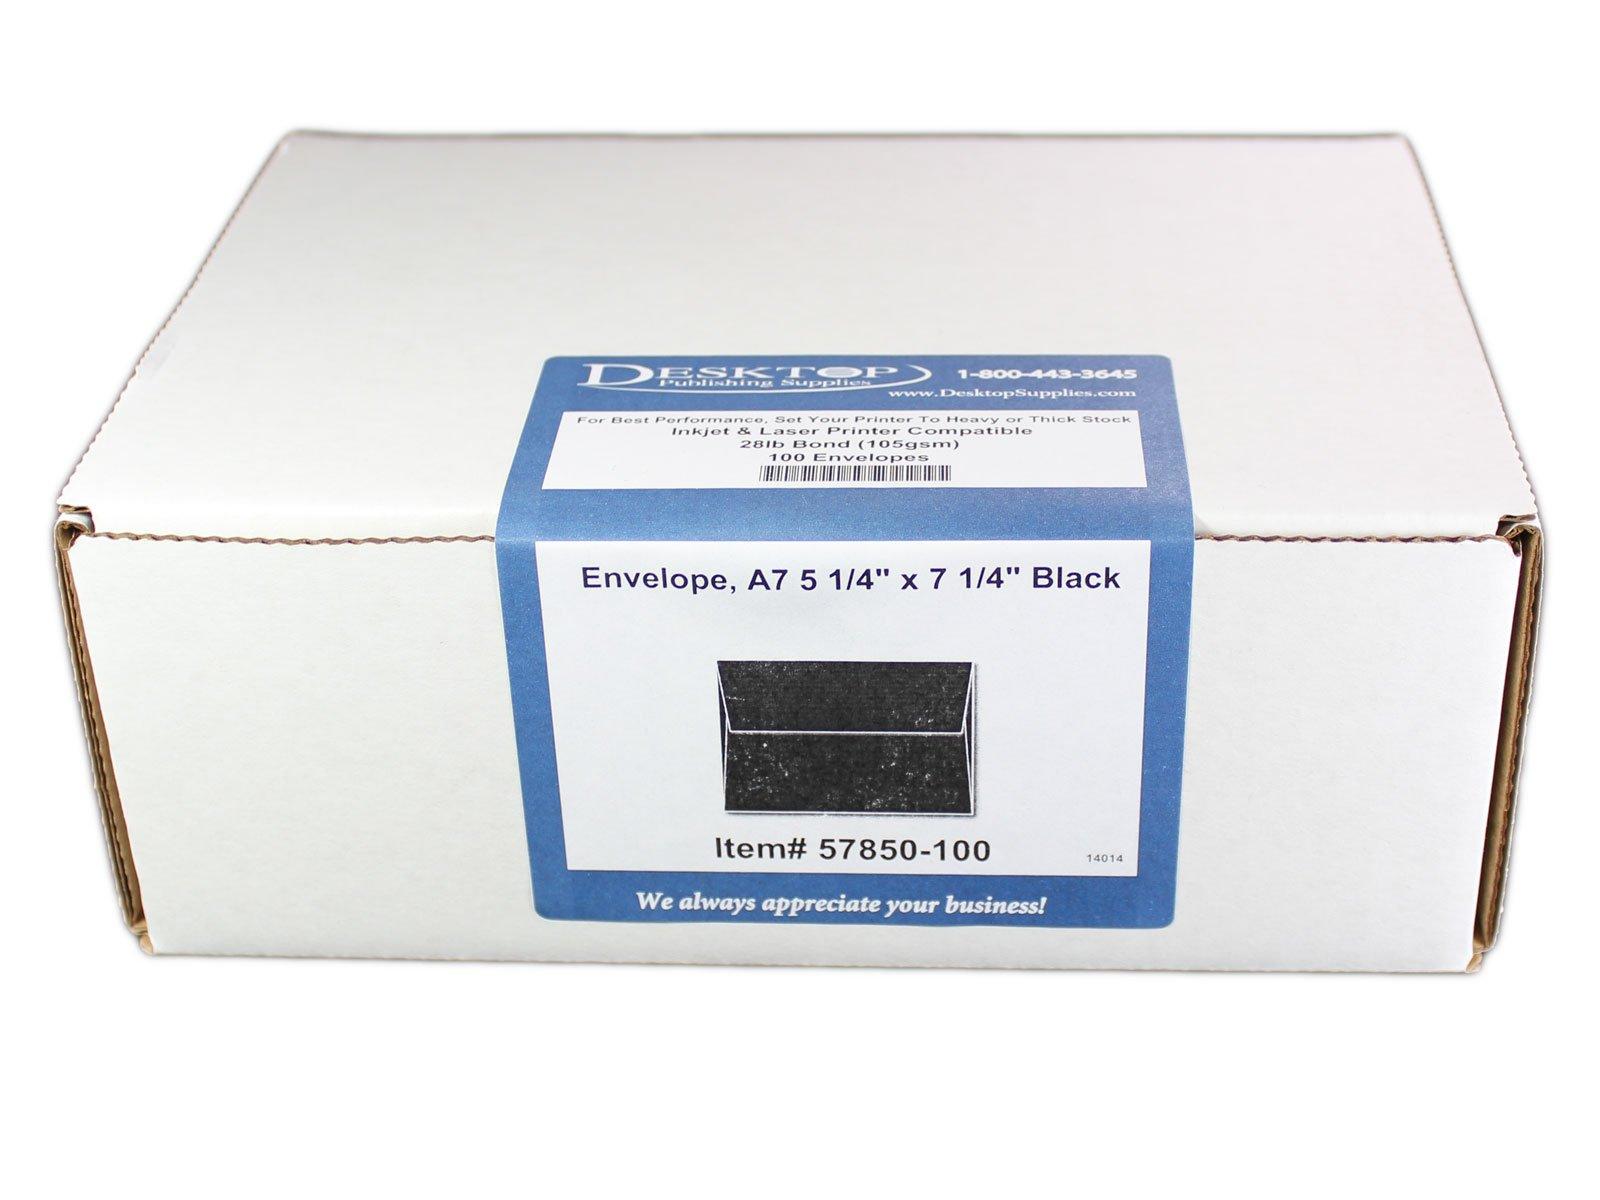 Envelope, A7 5 1/4'' x 7 1/4'' Black - 100 Envelopes